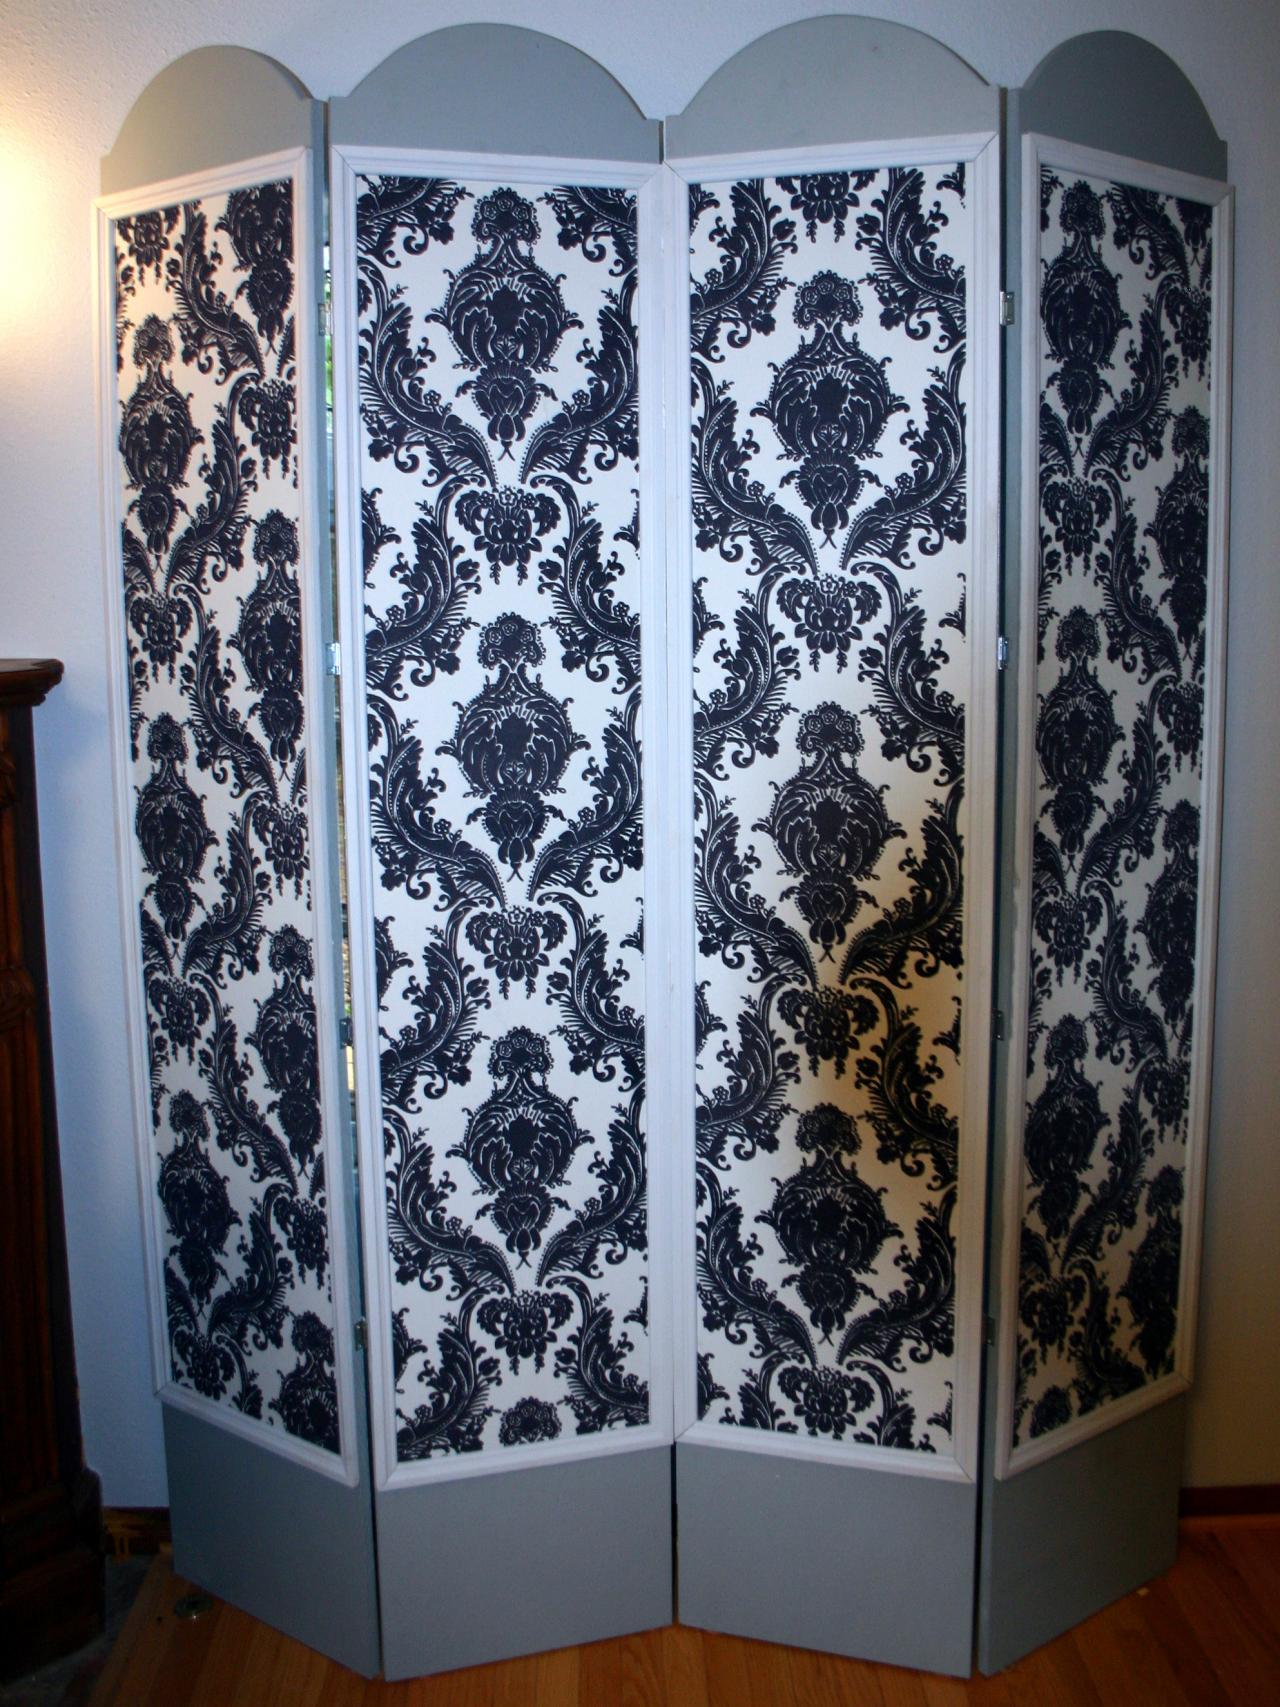 Wallpaper Room Divider photo - 10